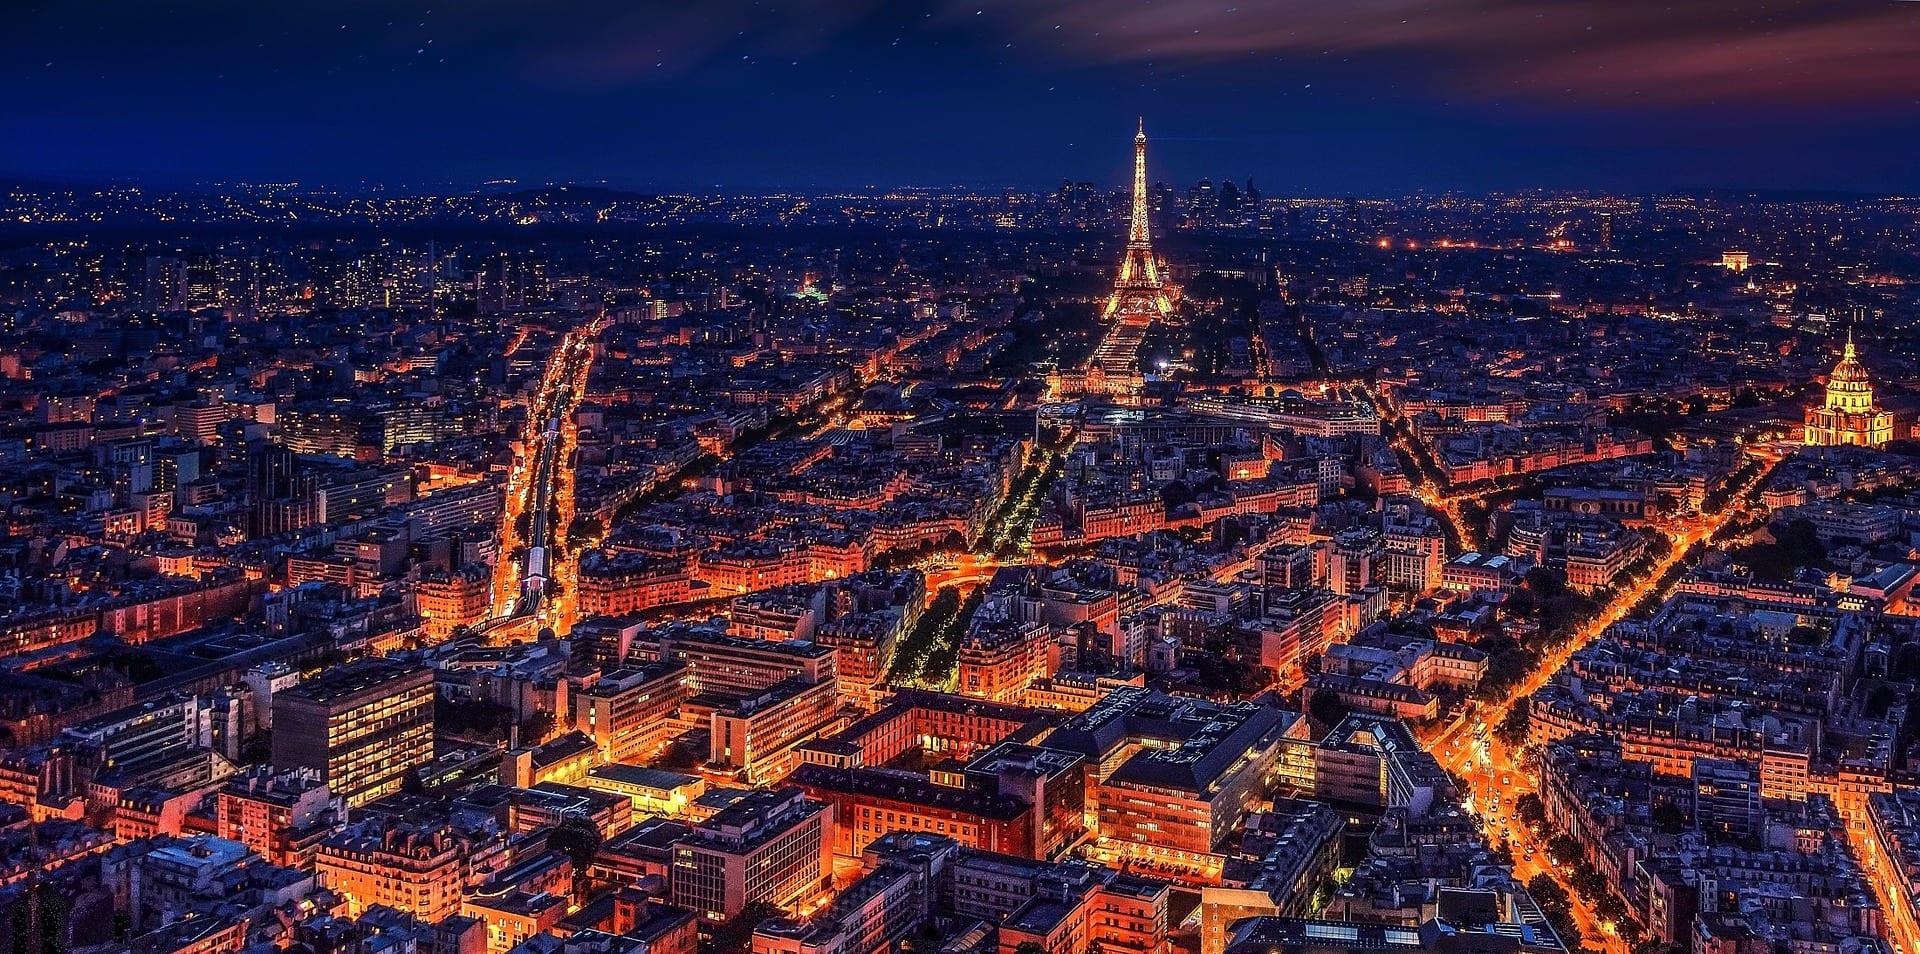 เที่ยวต่างประเทศ, เที่ยวประเทศฝรั่งเศส, เที่ยวยุโรป, สถานที่เที่ยวฝรั่งเศส, ที่เที่ยวฝรั่งเศส, เที่ยวฝรั่งเศส